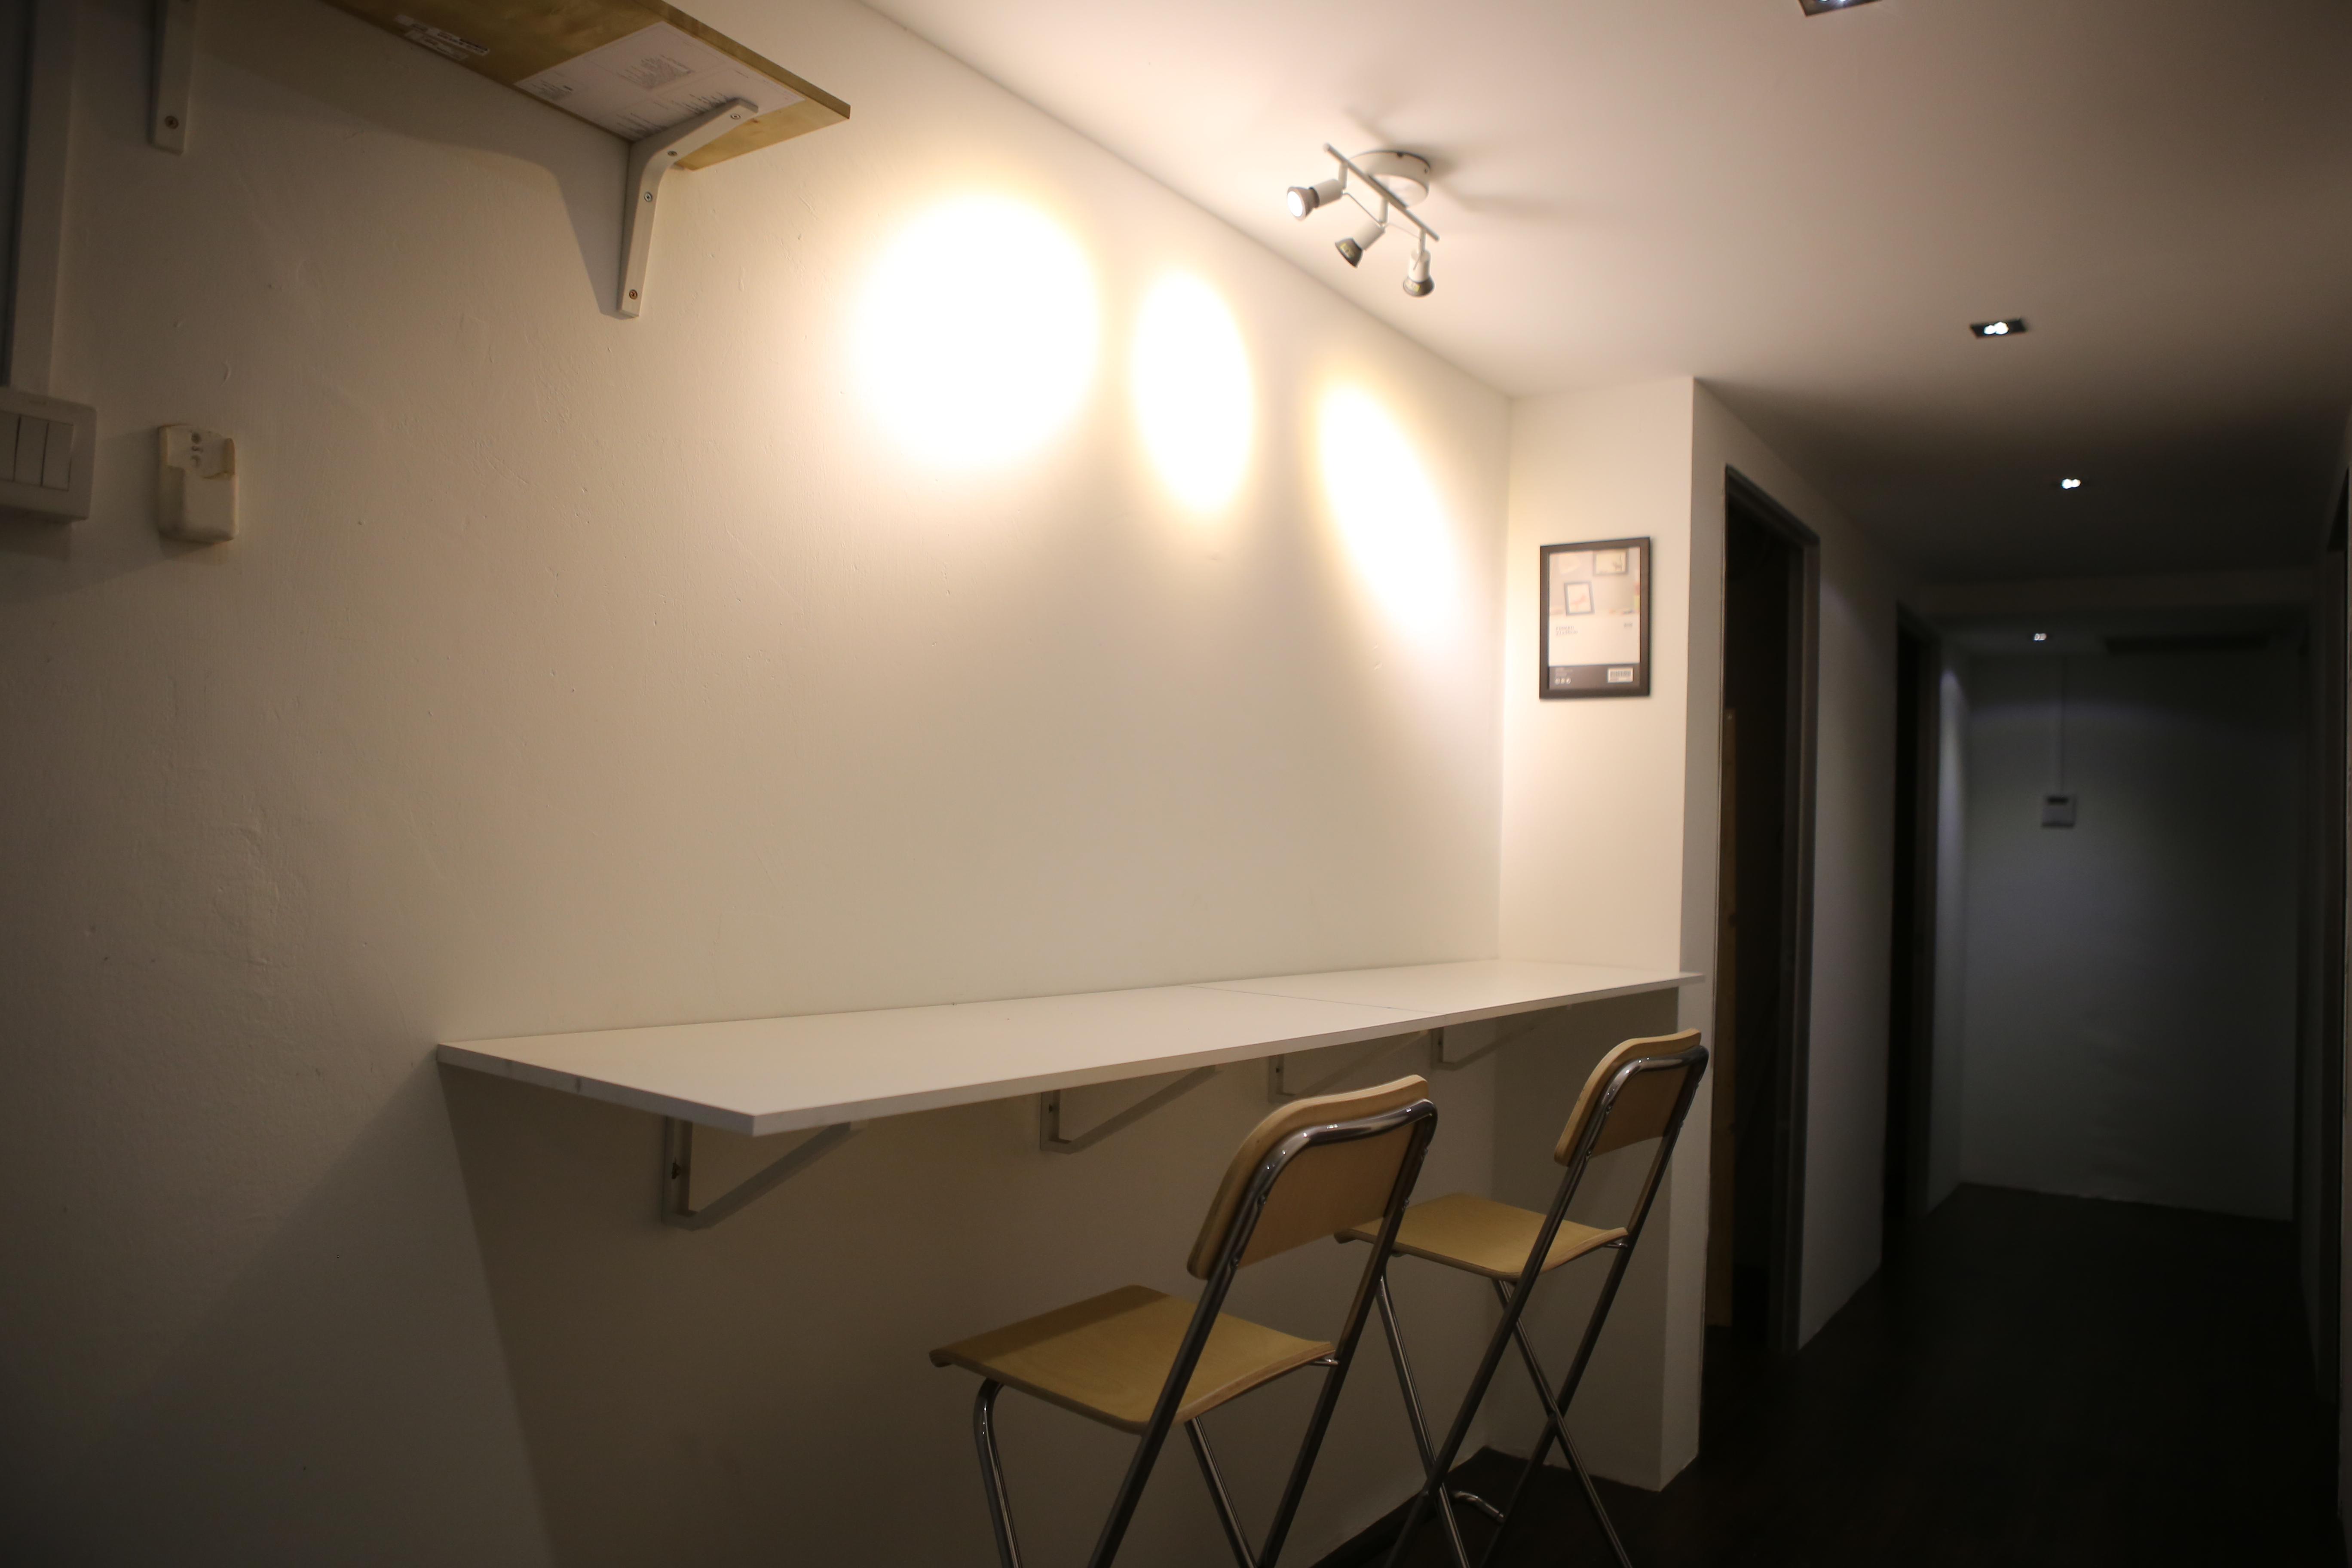 TheKatil | Taman Mutiara MRT Cheras Rooms for Rent